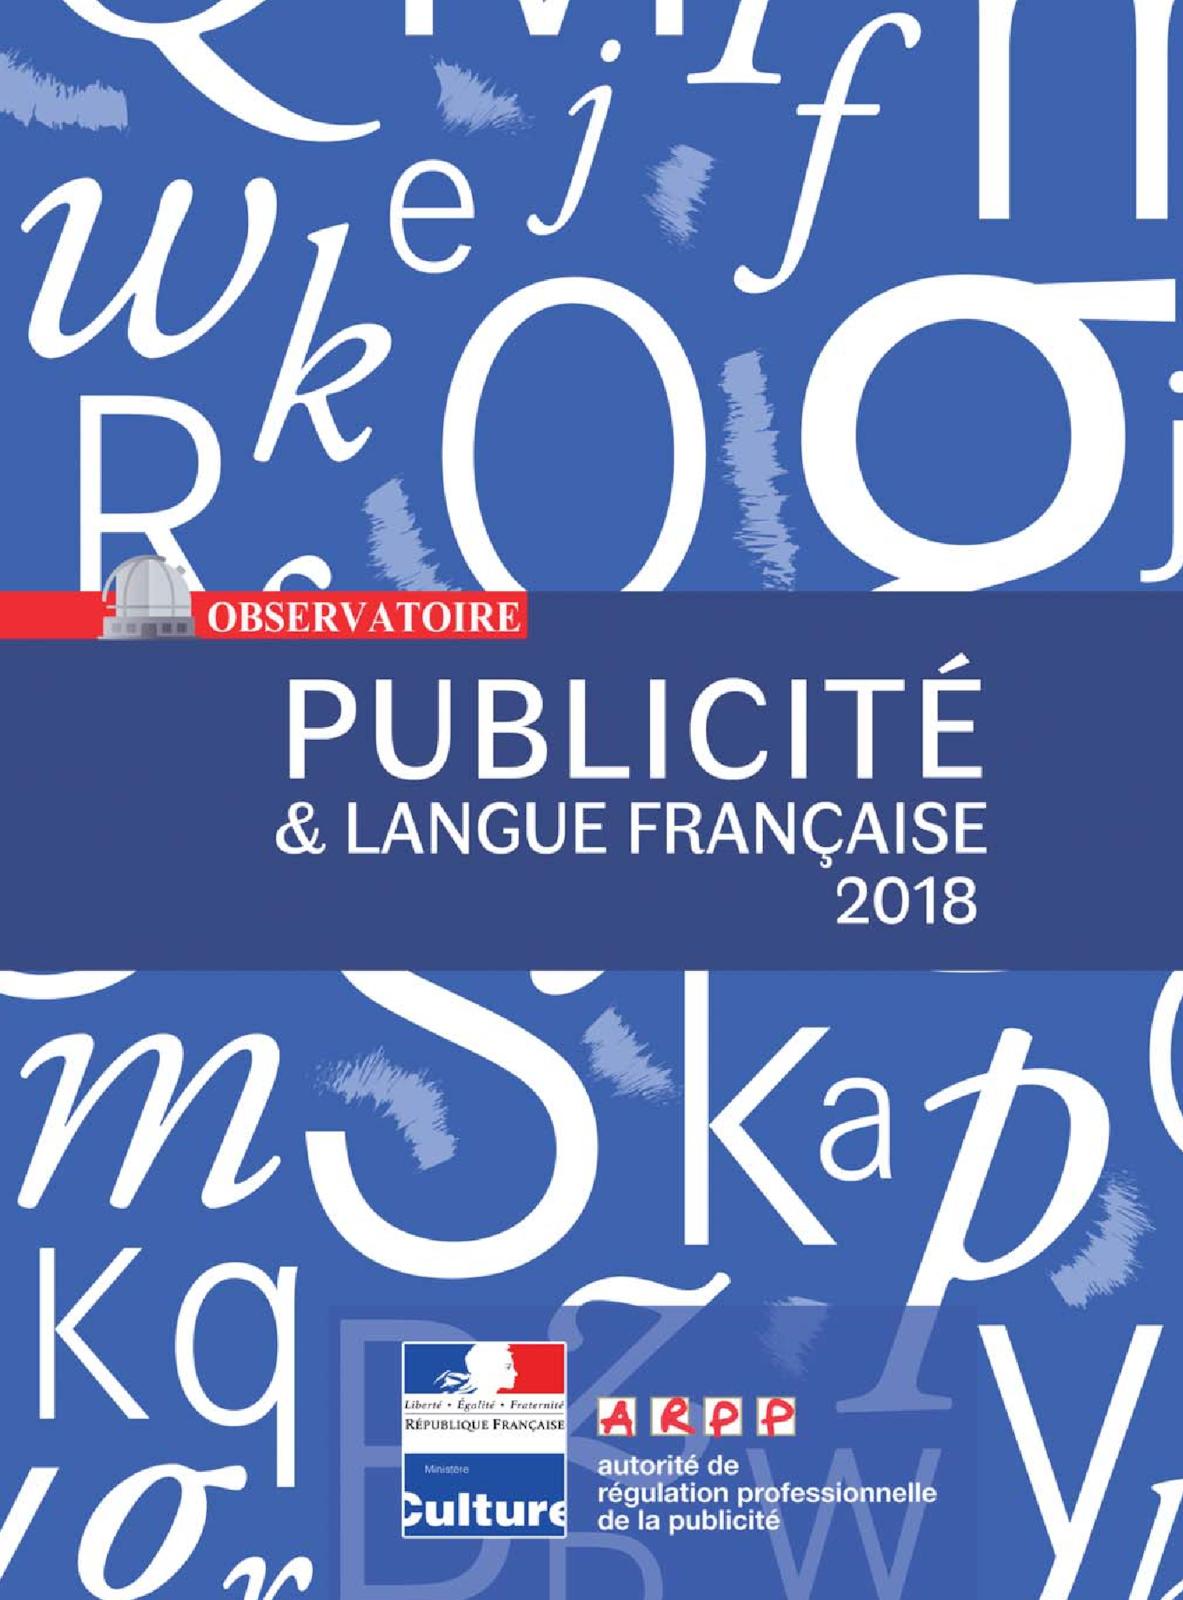 Observatoire publicité et langue française 2018